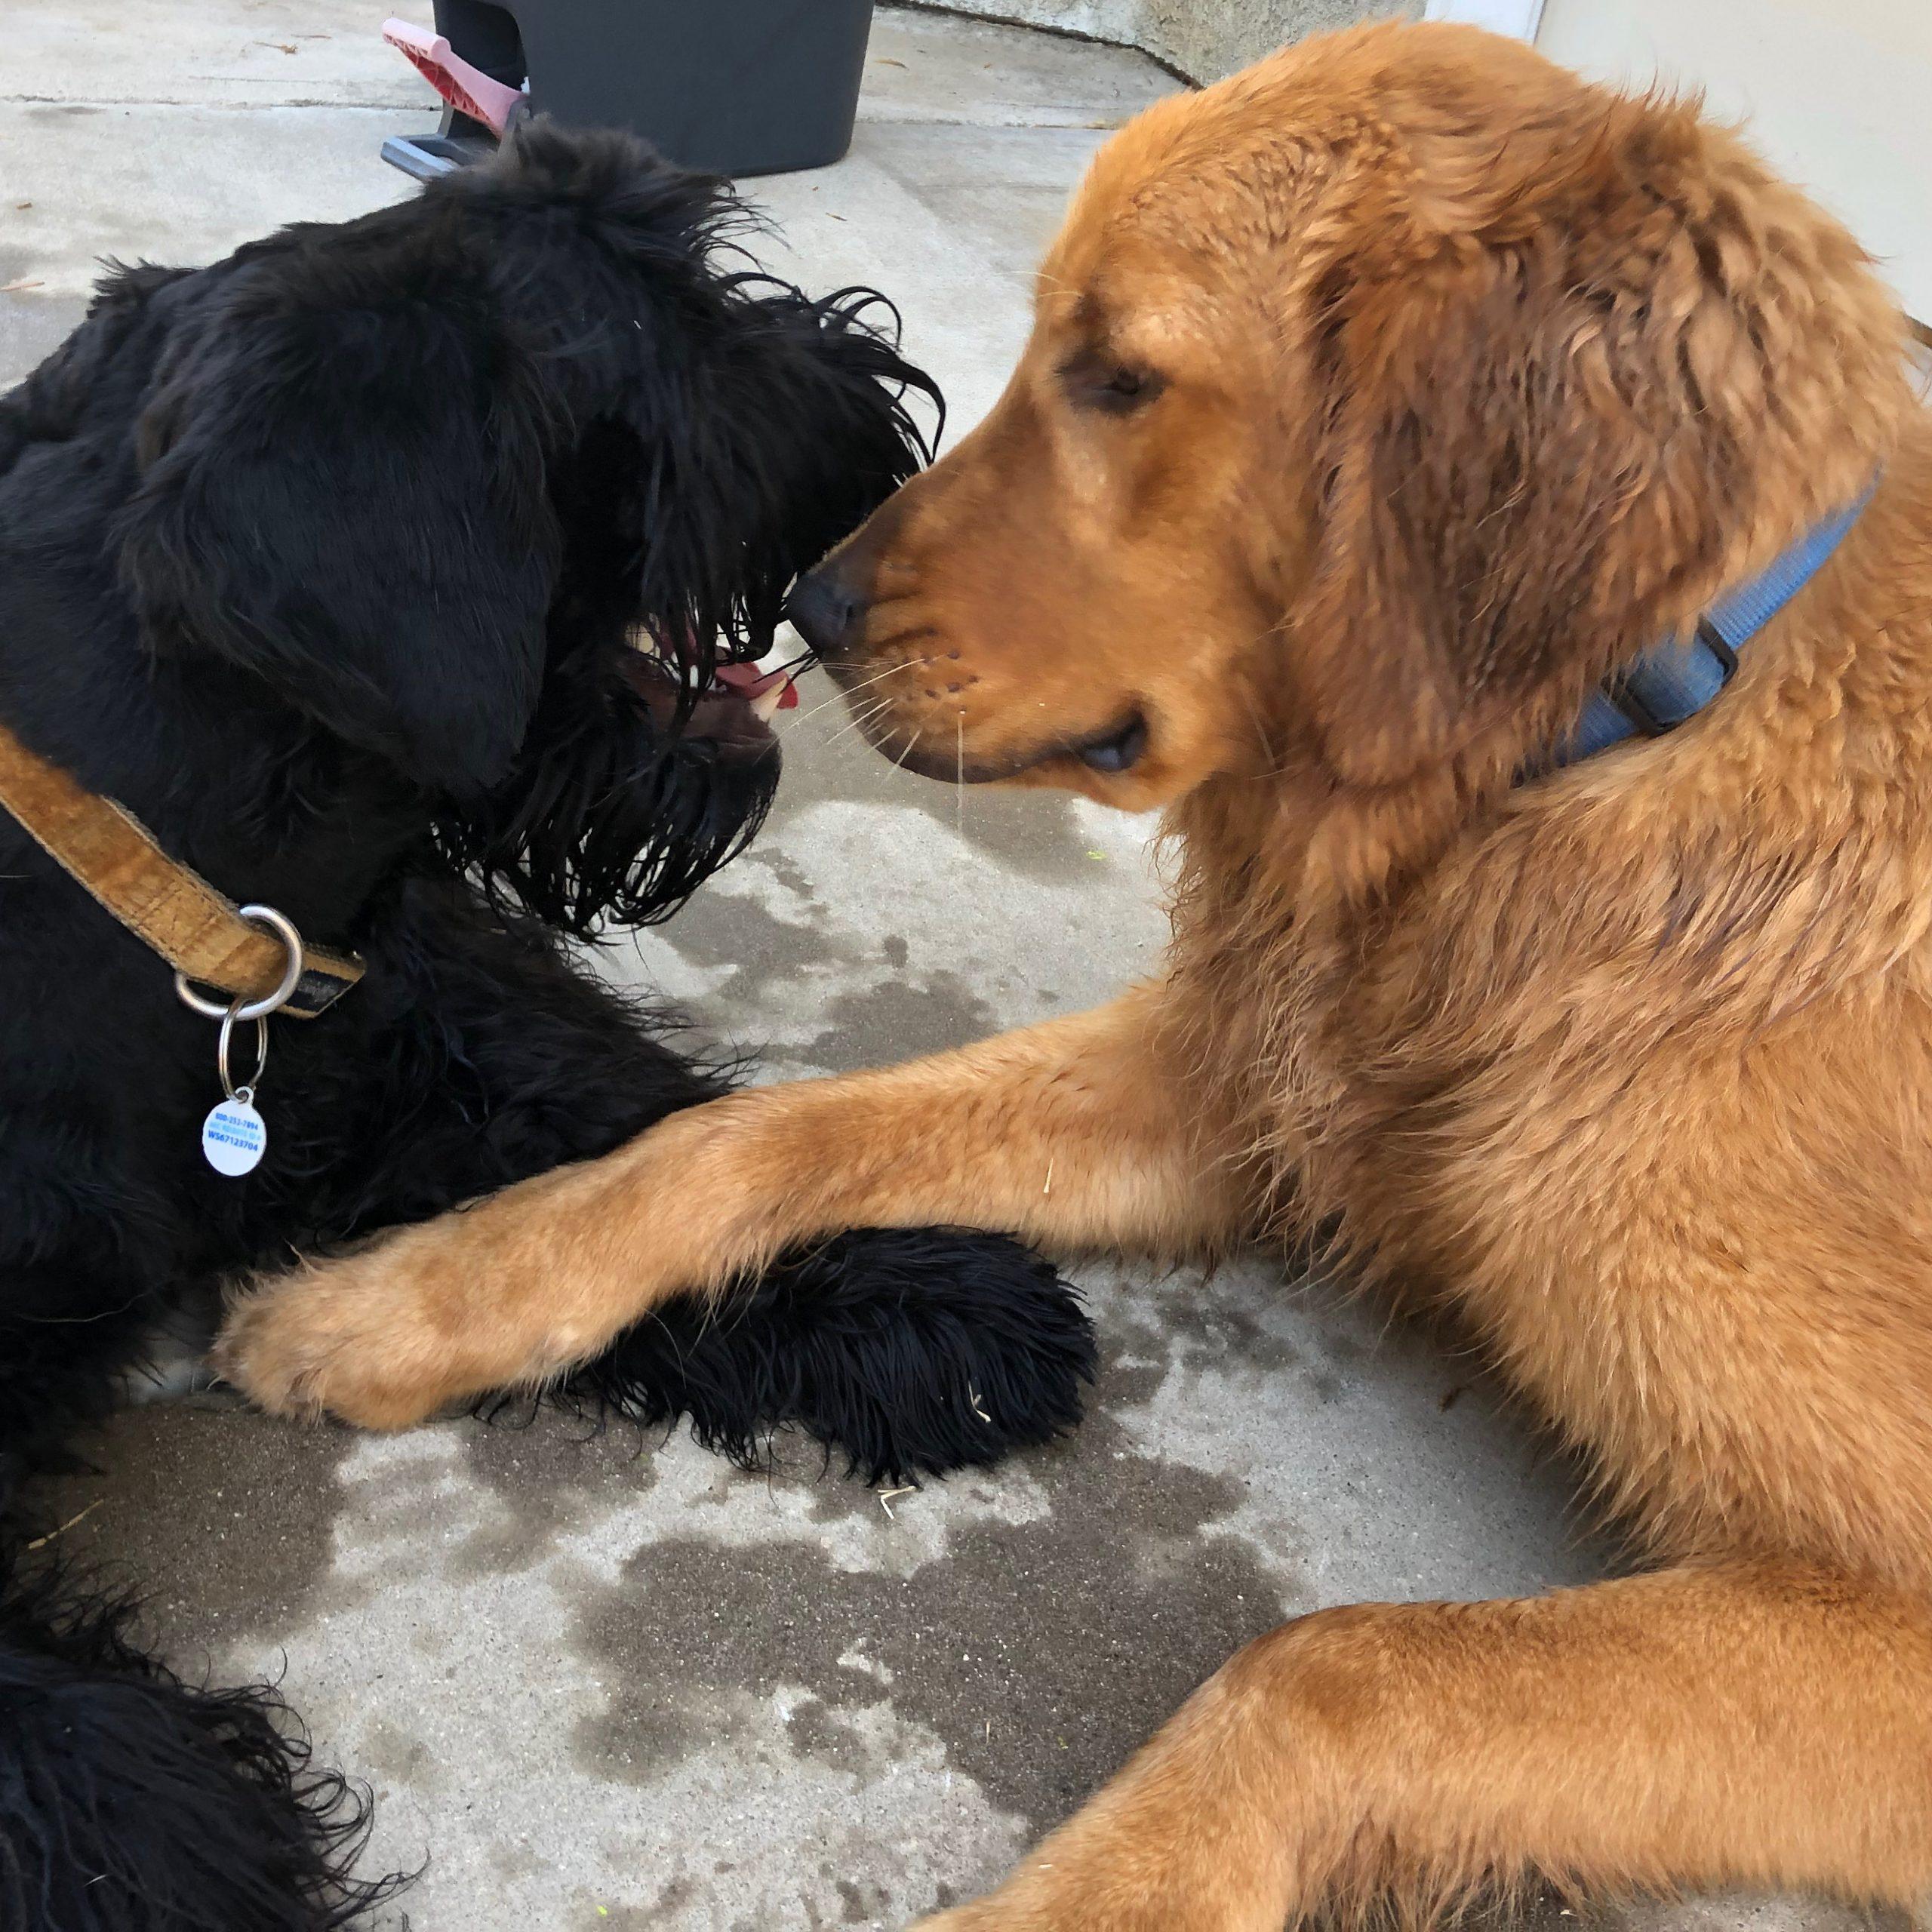 Grrr, Dog Fights